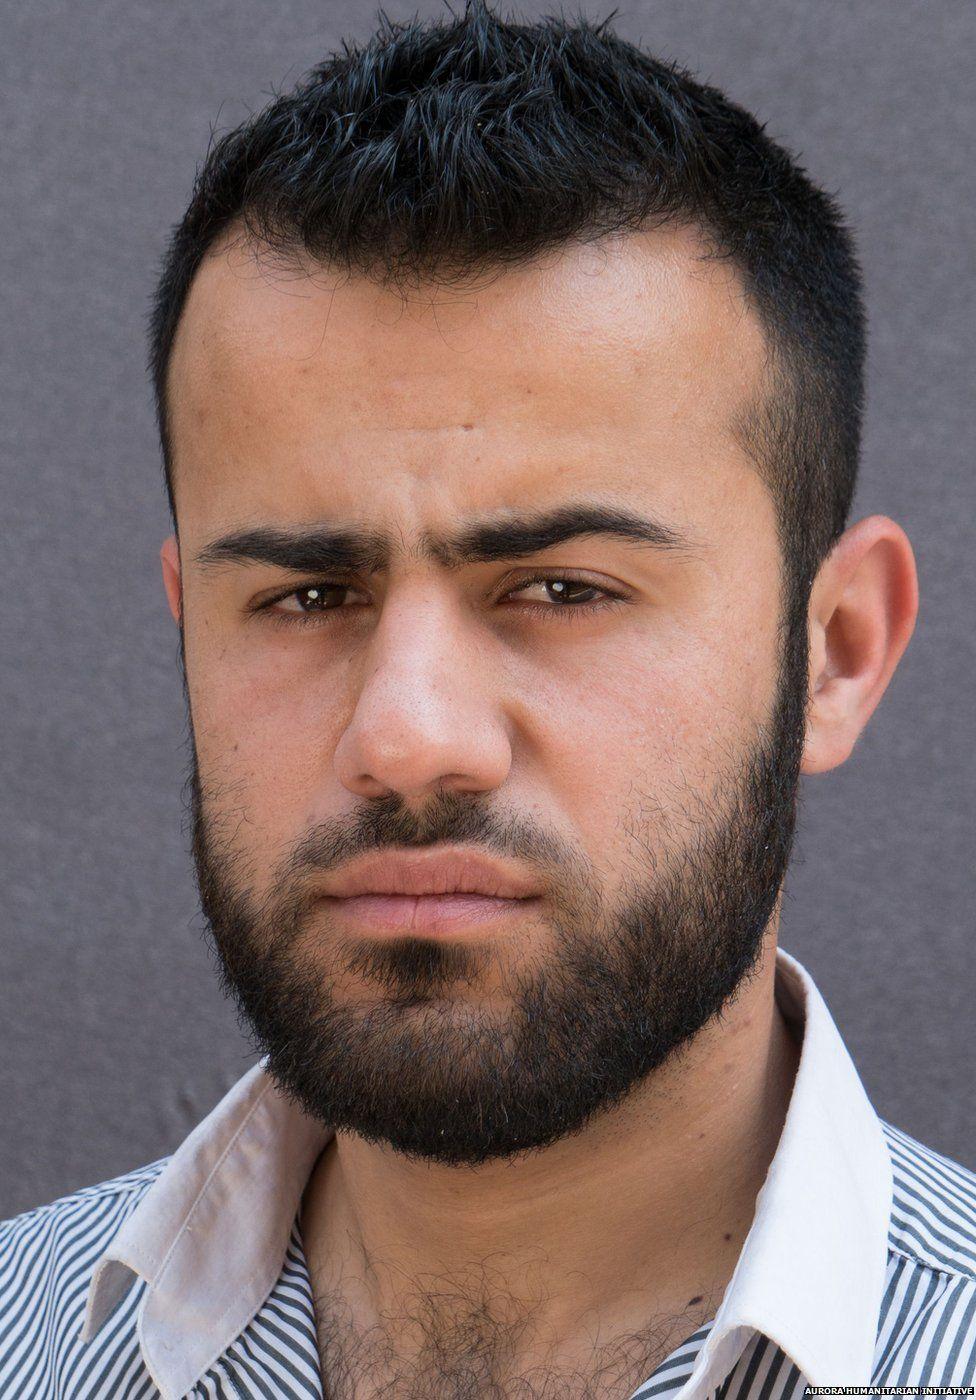 Muhammad Darwish